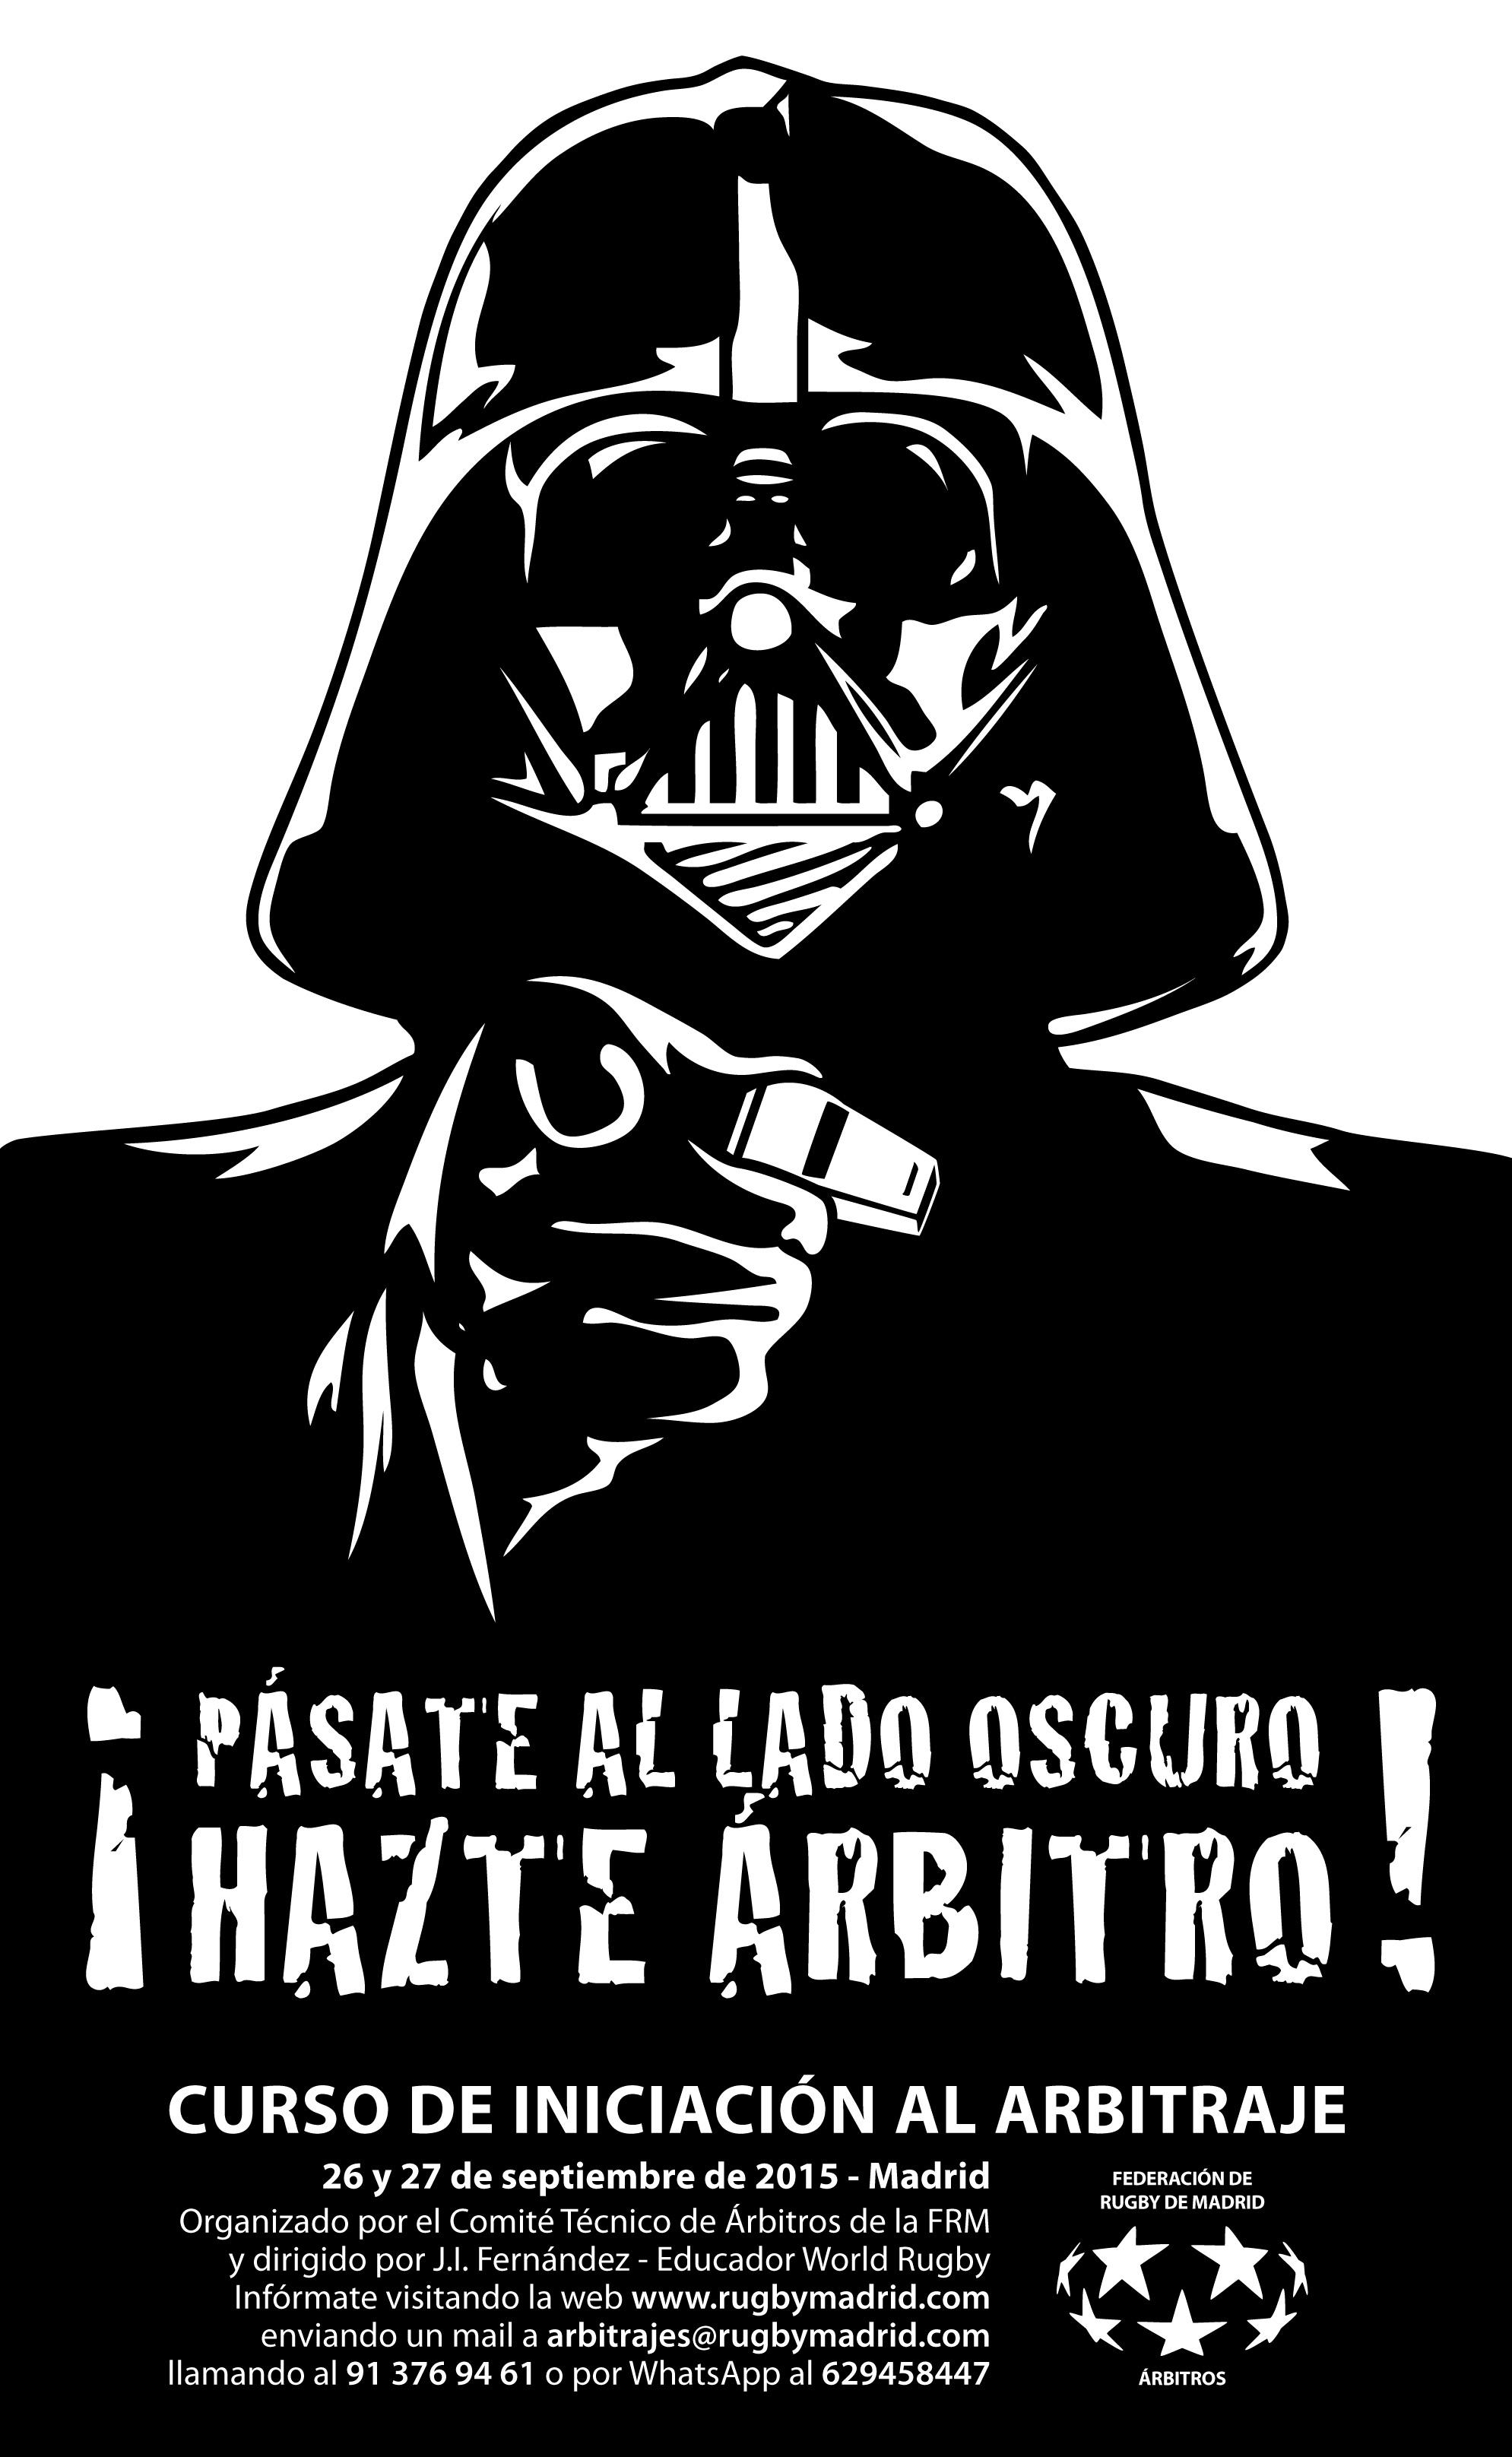 Cartel para el curso de arbitraje de la FRM basado en el personaje de Darth Vader